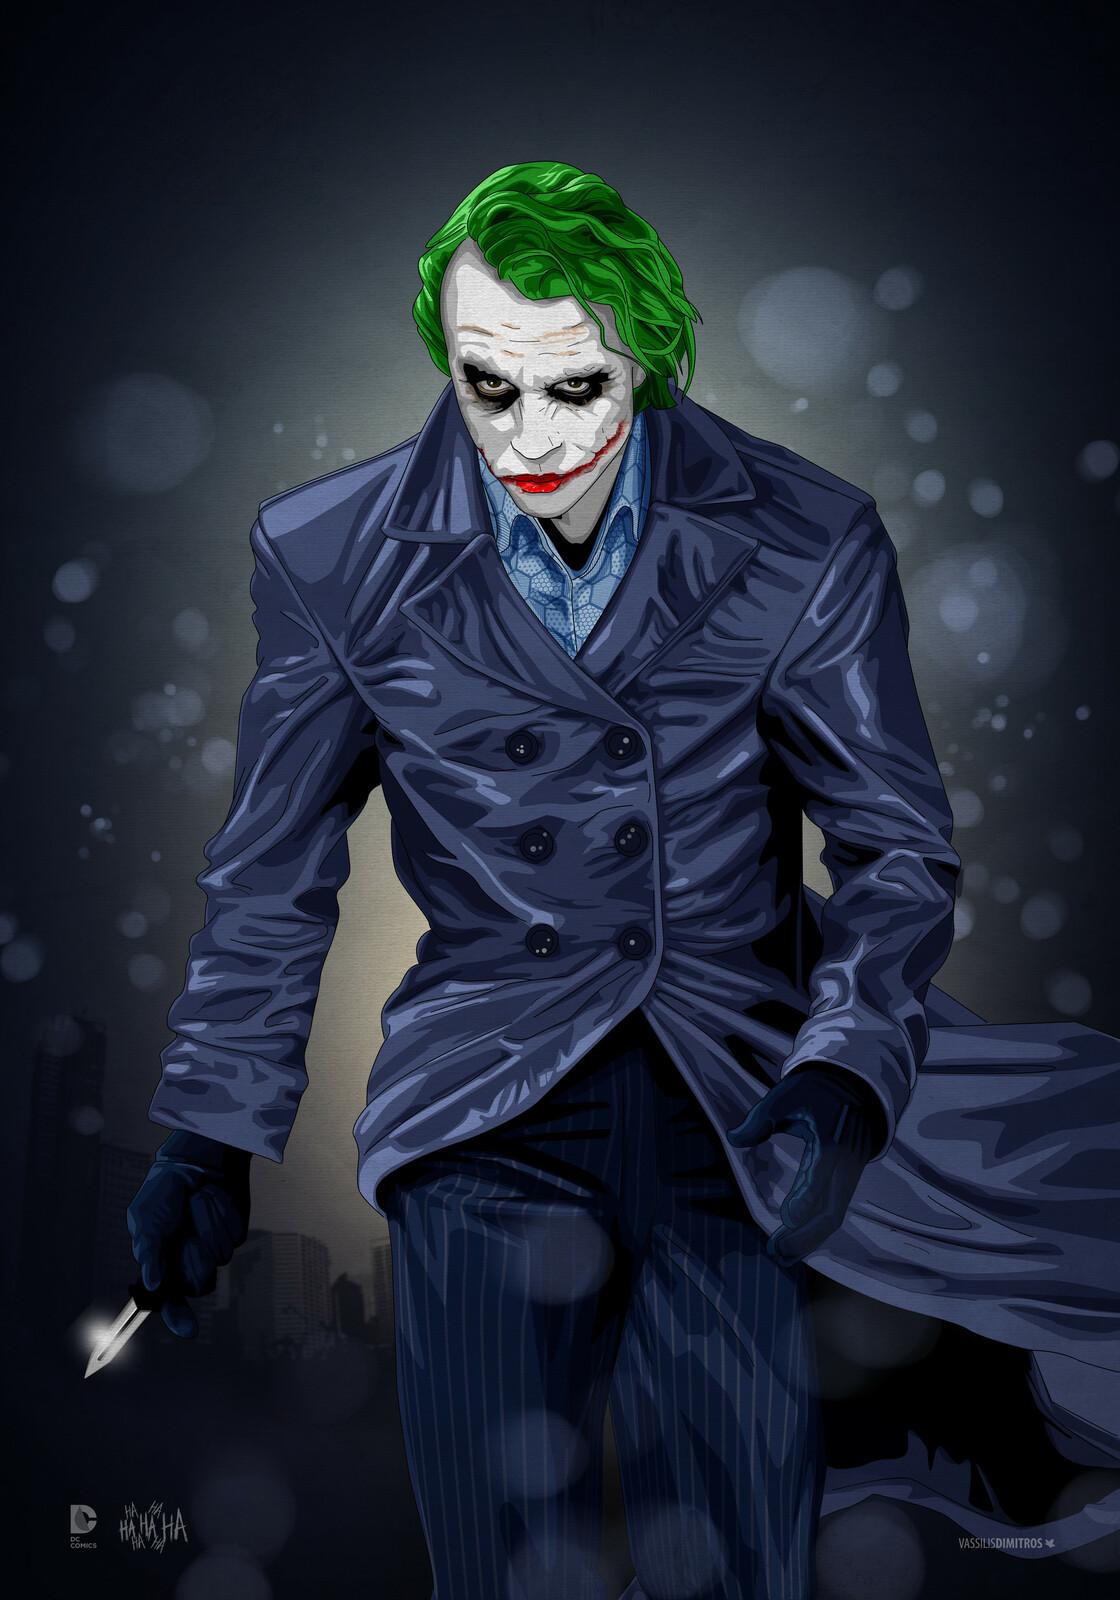 The Joker (Heath Ledger Tribute)